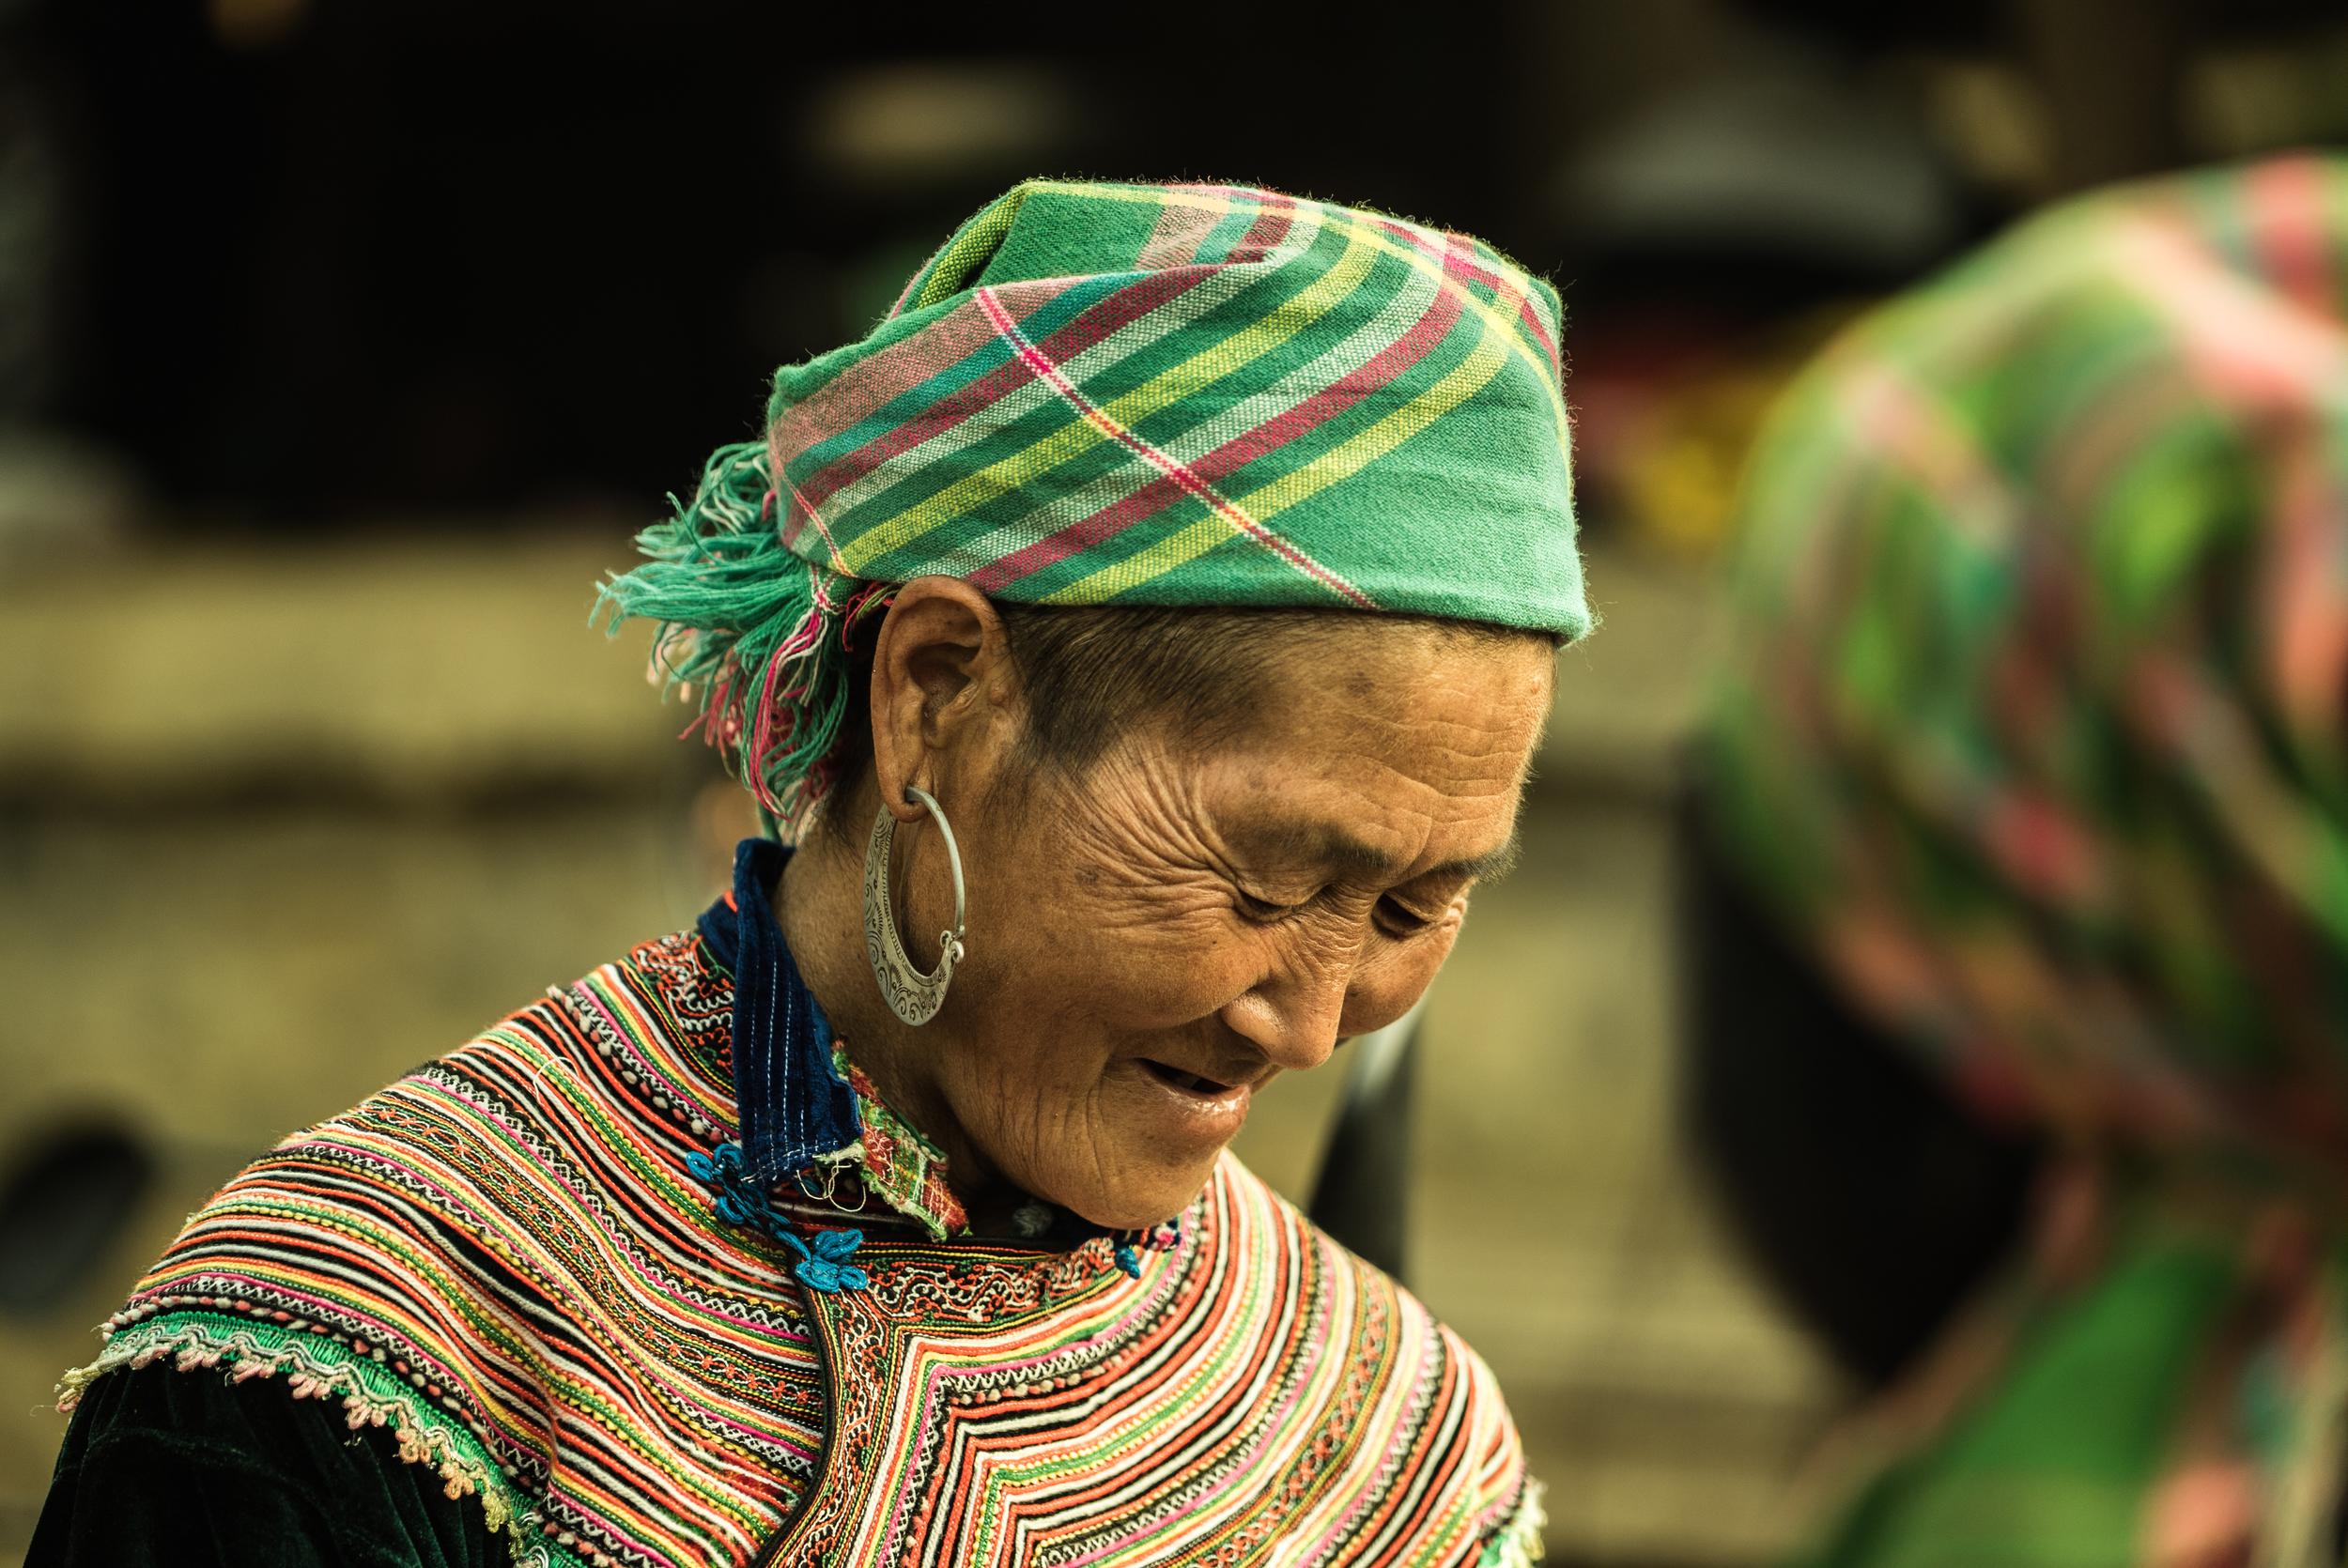 Flower Hmong woman. Can Cau, Vietnam